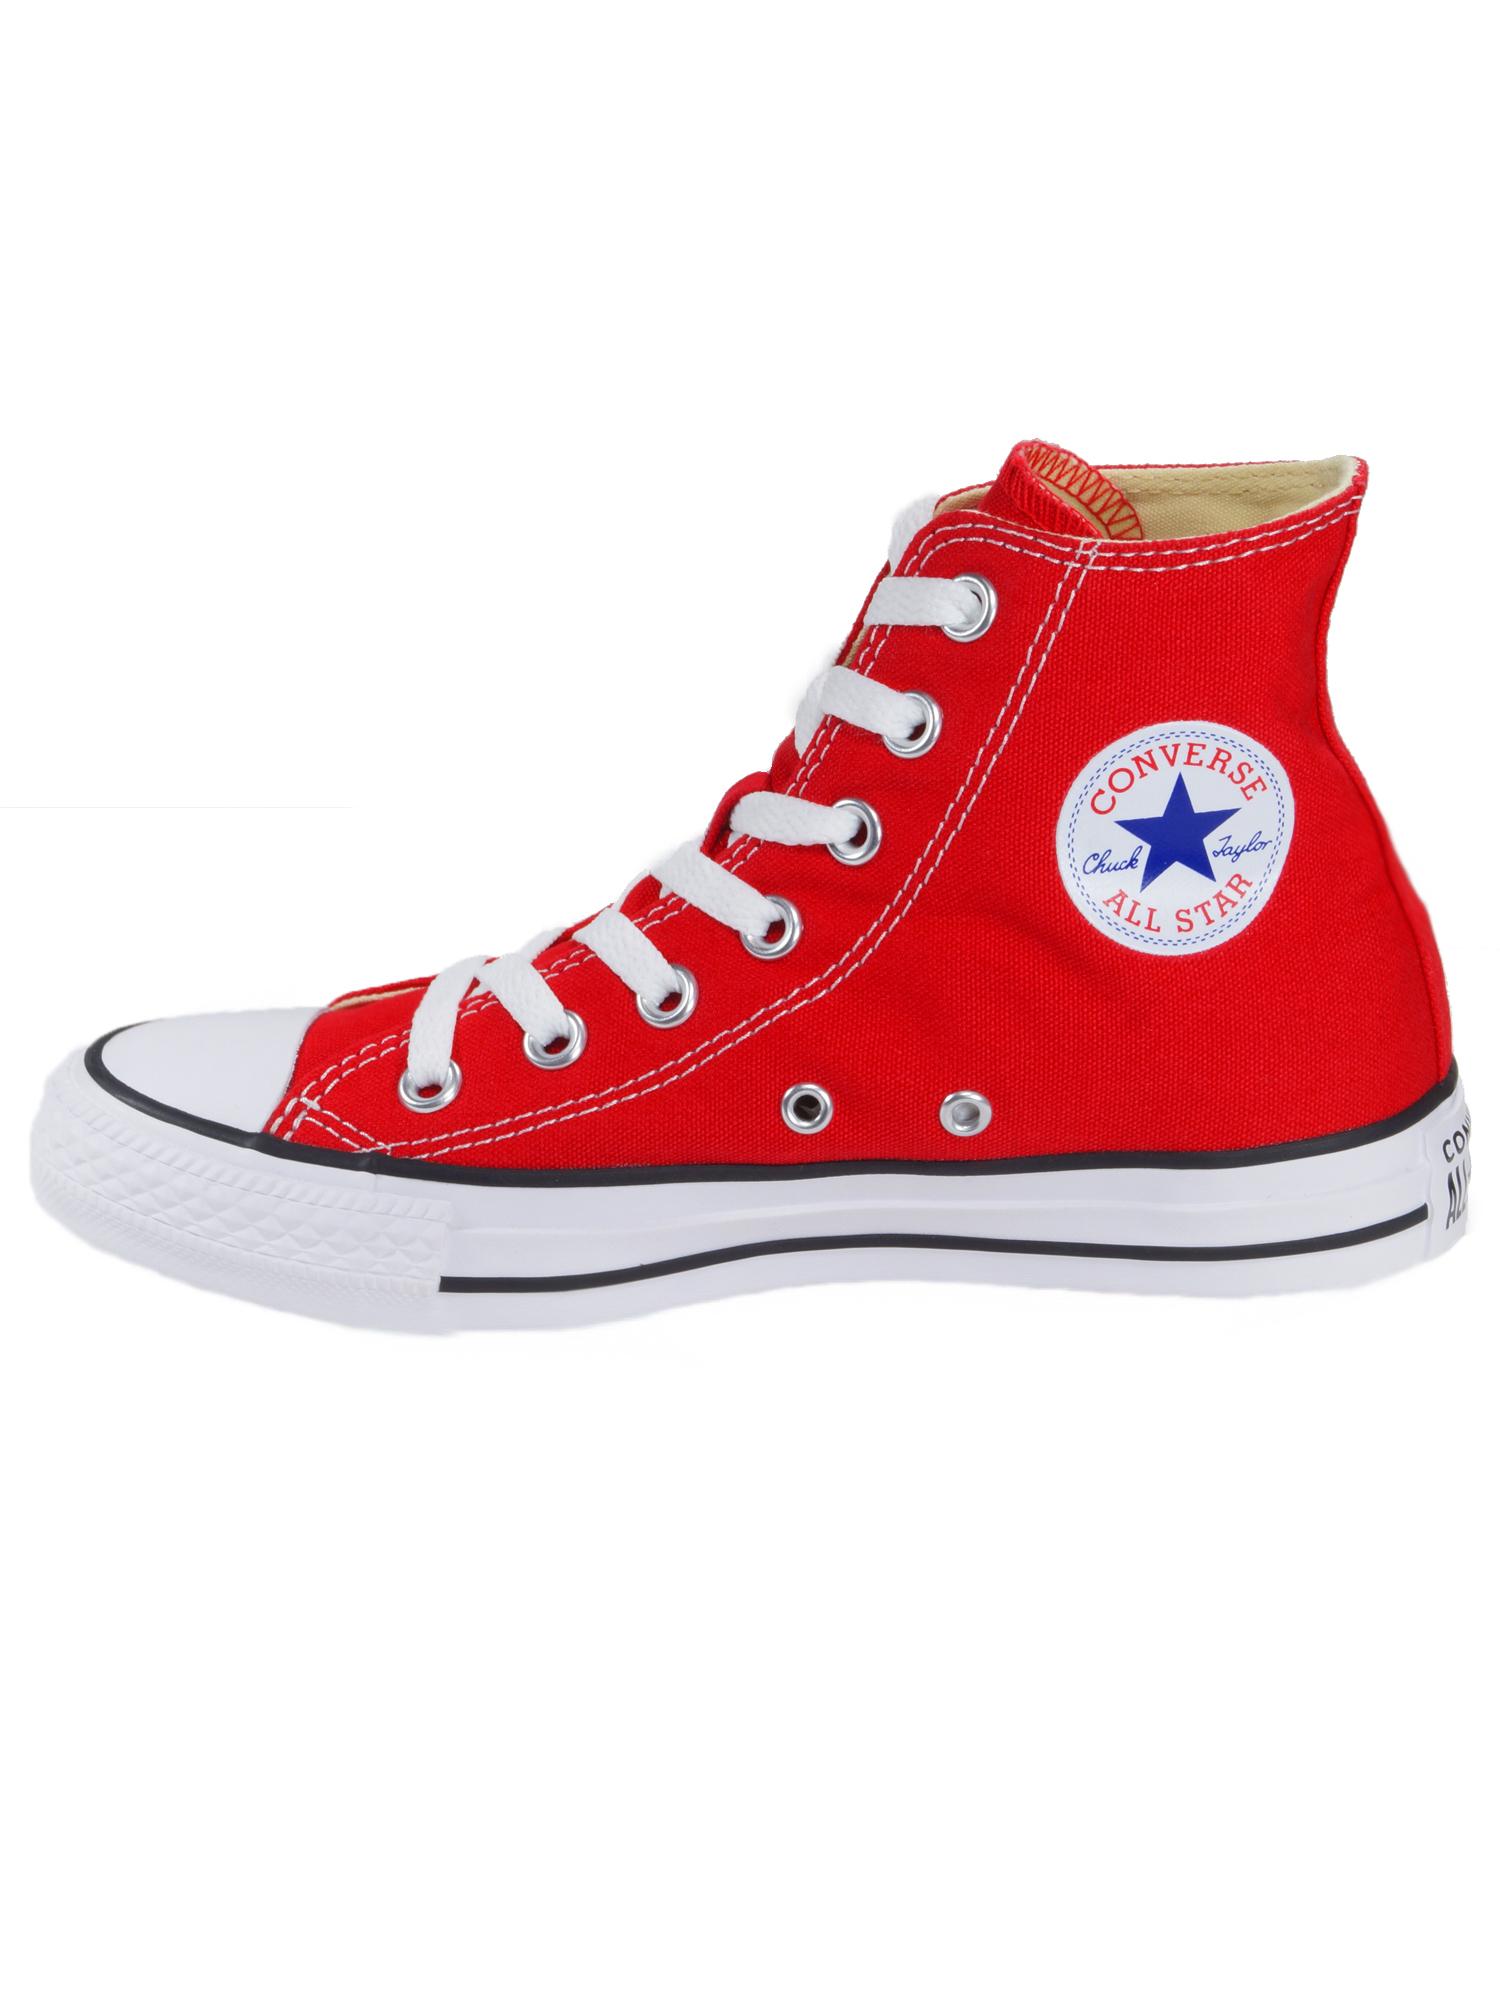 Converse Damen Schuhe CT All Star Hi Rot Leinen Sneakers Gr. 37